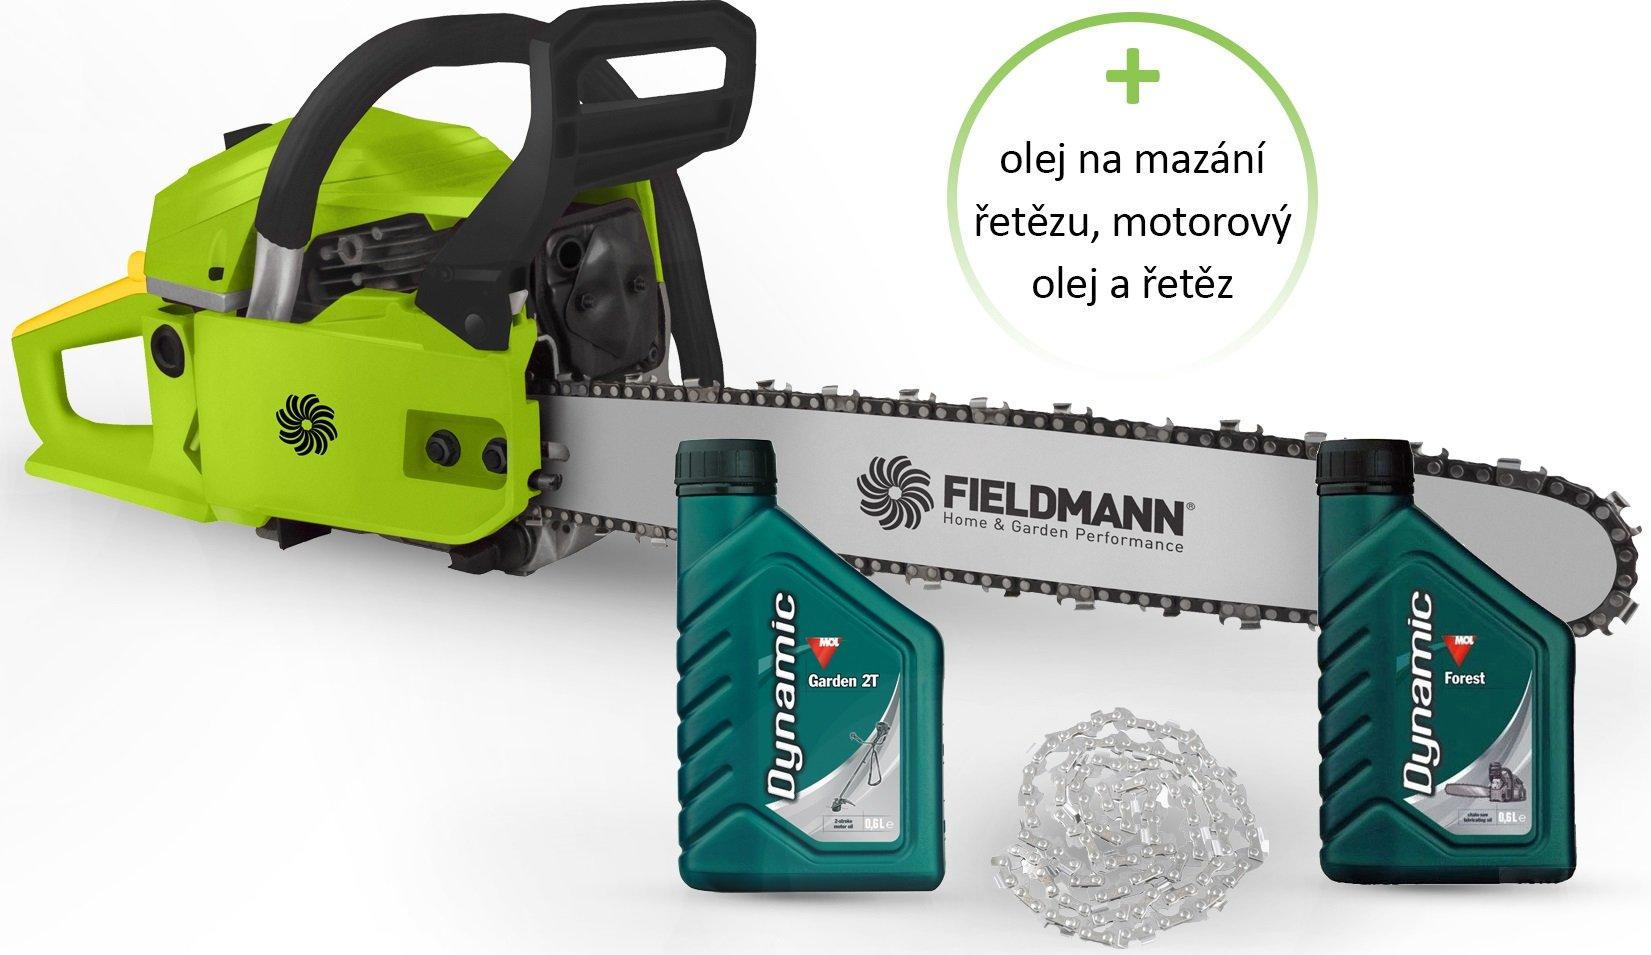 SADA FZP 4516-B+oleje+řetěz FIELDMANN + doprava zdarma